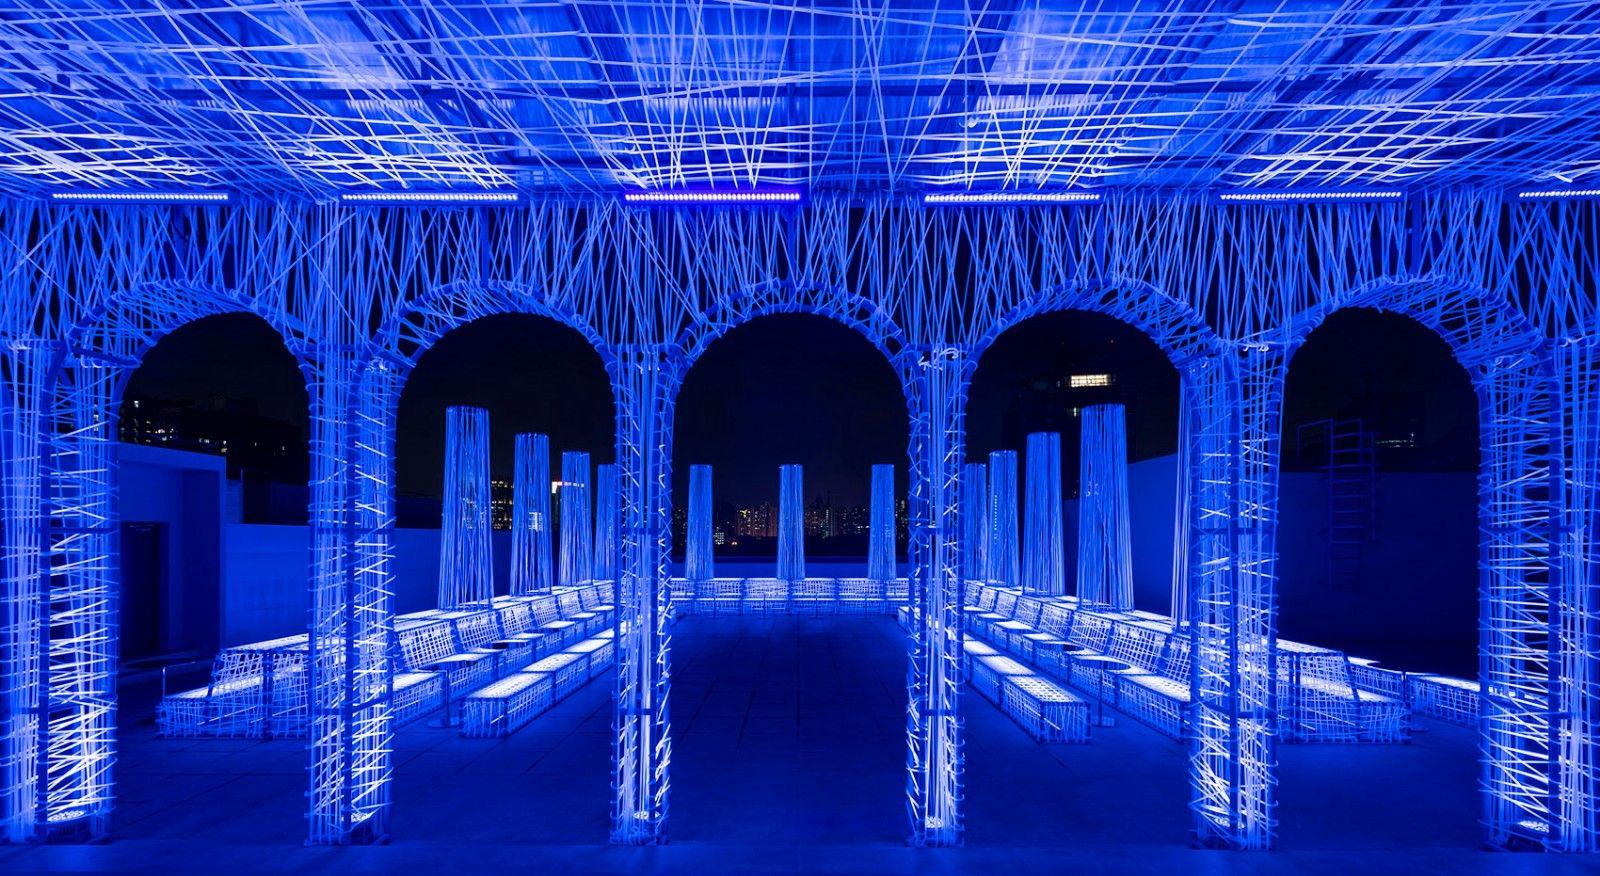 新作 | Alberto Caiola Studio:上海 Nyx屋顶酒吧